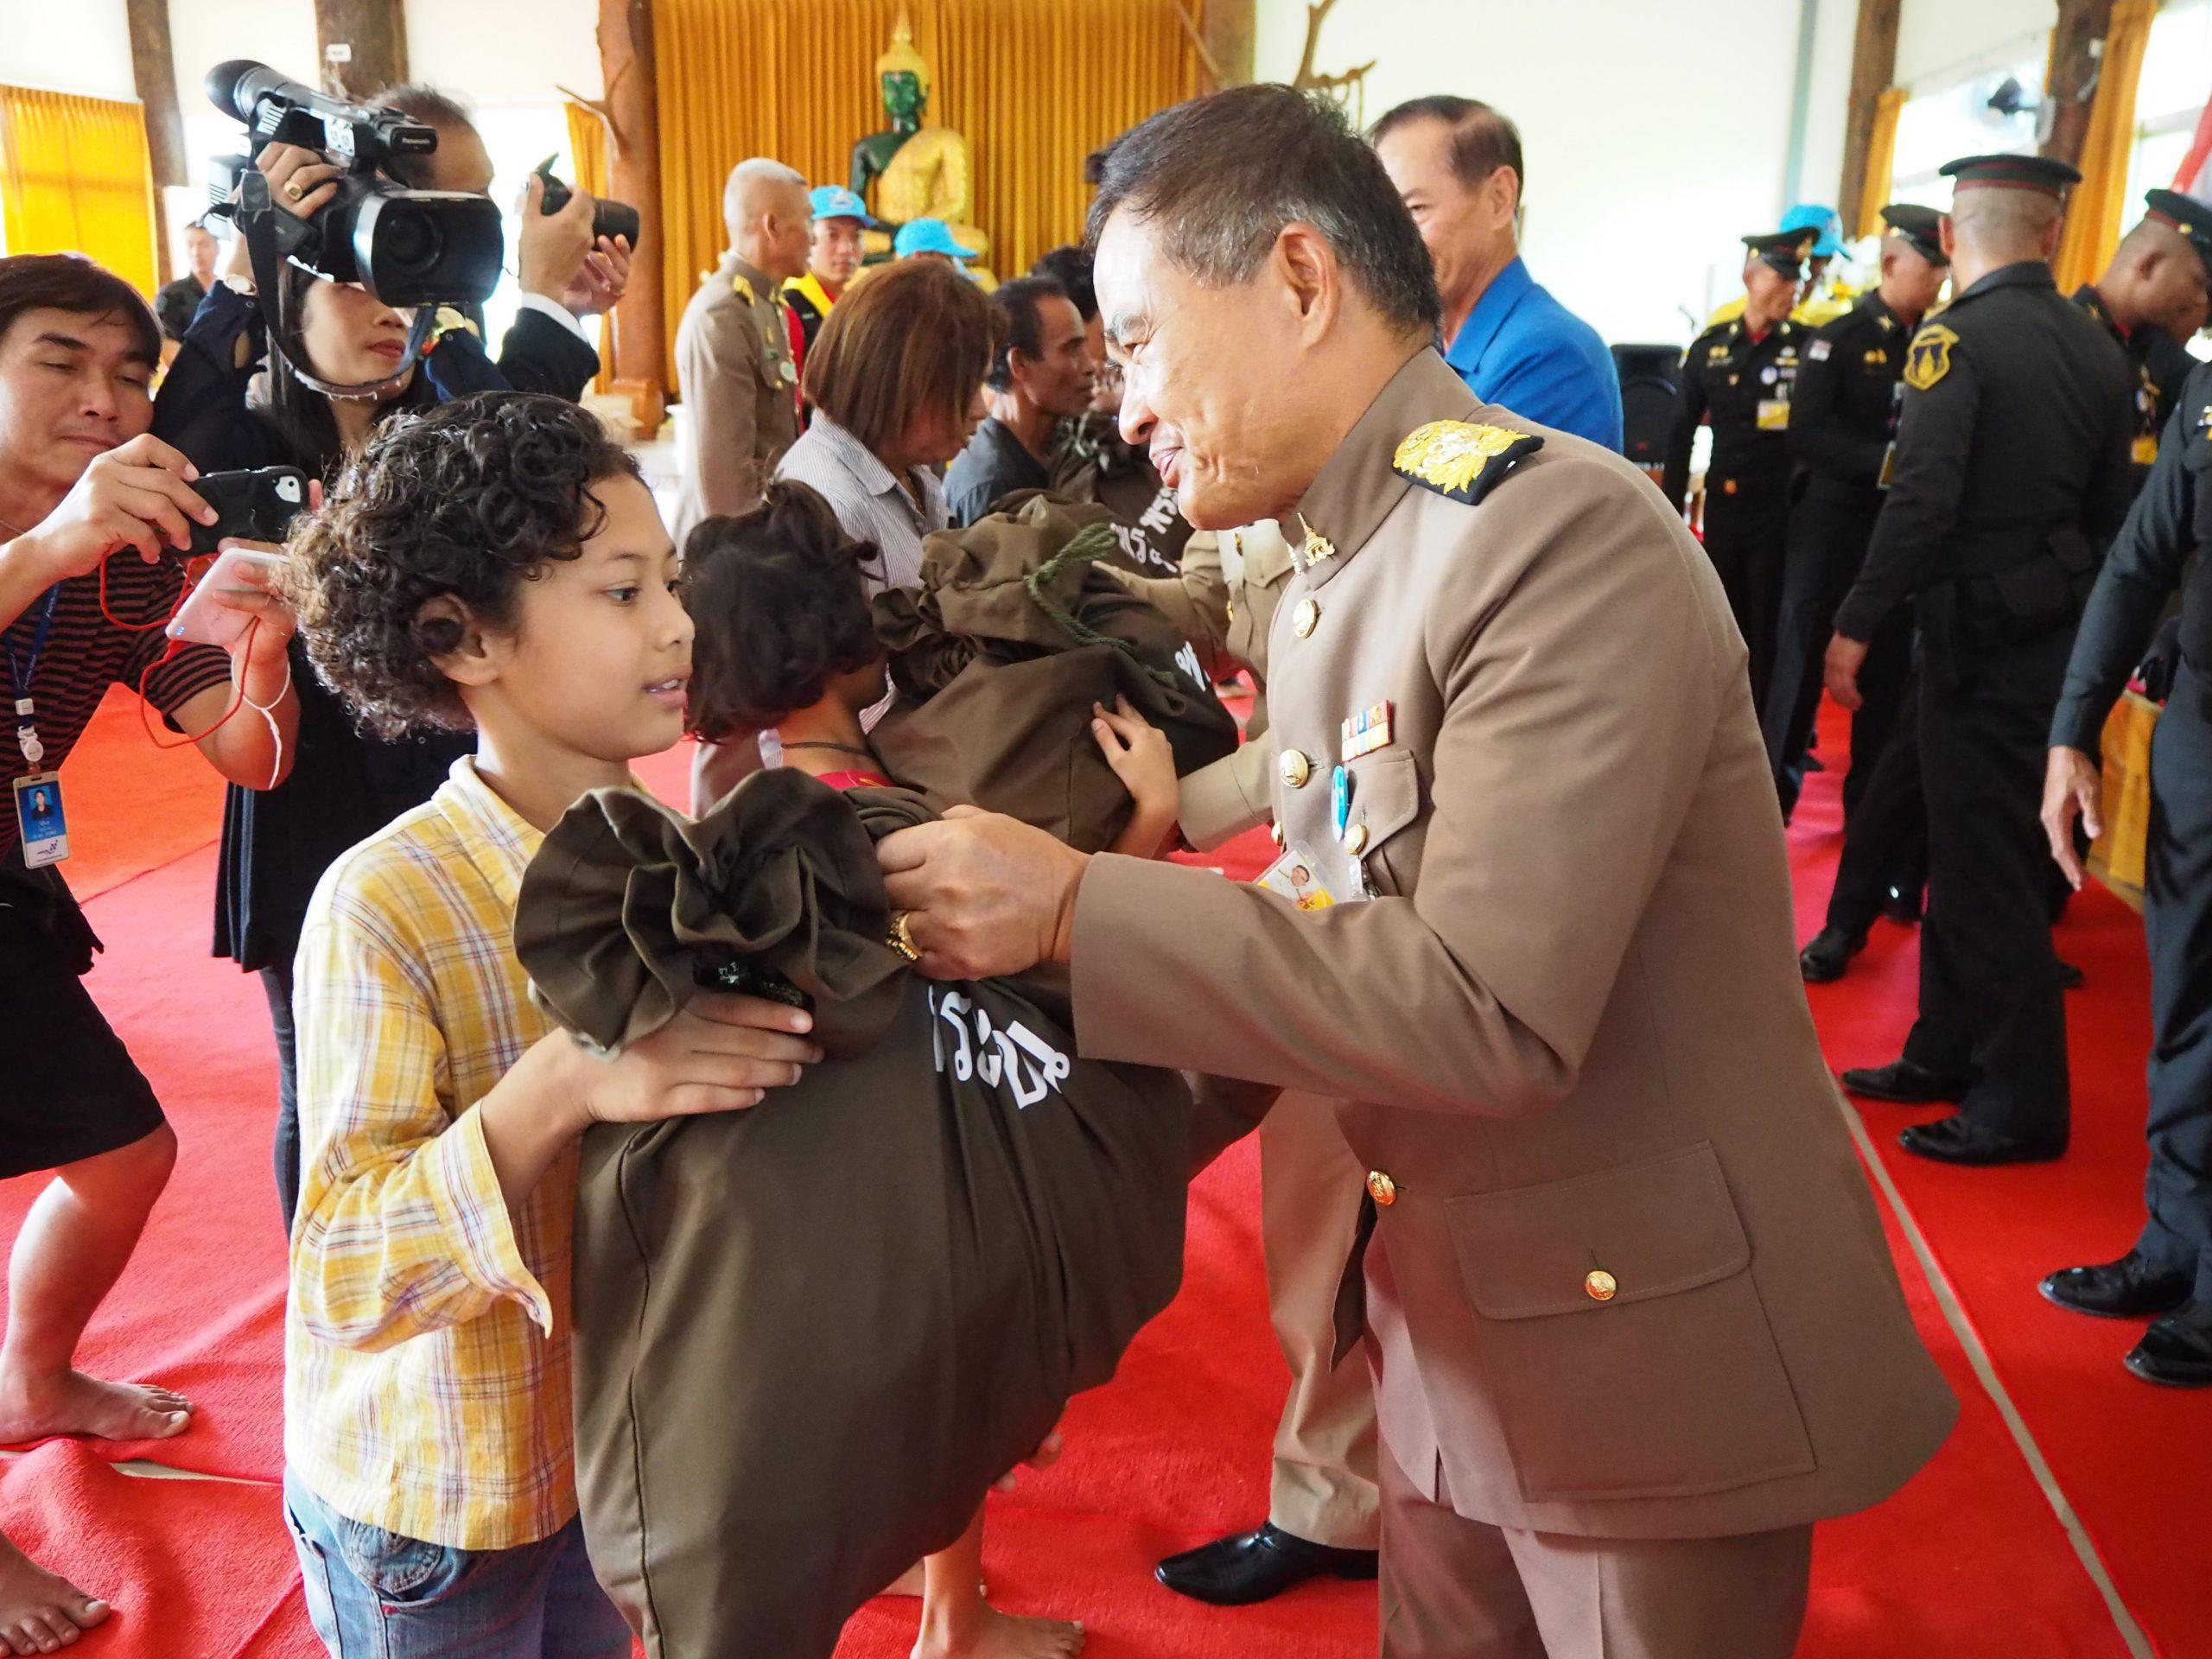 สมเด็จพระเจ้าอยู่หัว โปรดเกล้าฯให้องคมนตรี เชิญถุงพระราชทานมอบแก่ผู้ประสบวาตภัย